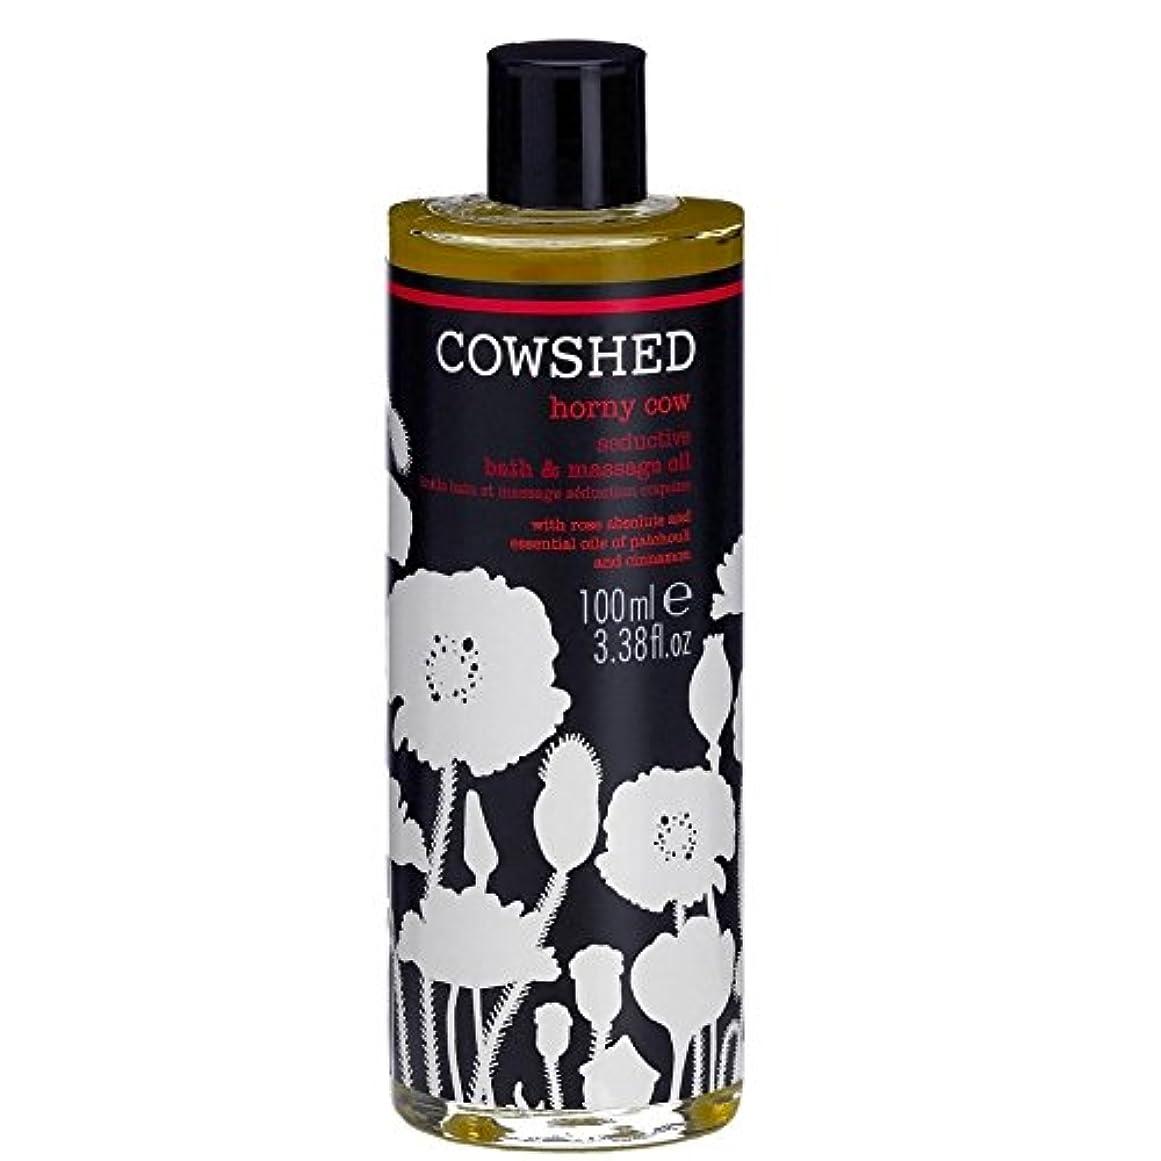 前置詞懸念外交Cowshed Horny Cow Seductive Bath and Body Oil 100ml (Pack of 6) - 牛舎角質牛魅惑的なバス、ボディオイル100ミリリットル x6 [並行輸入品]